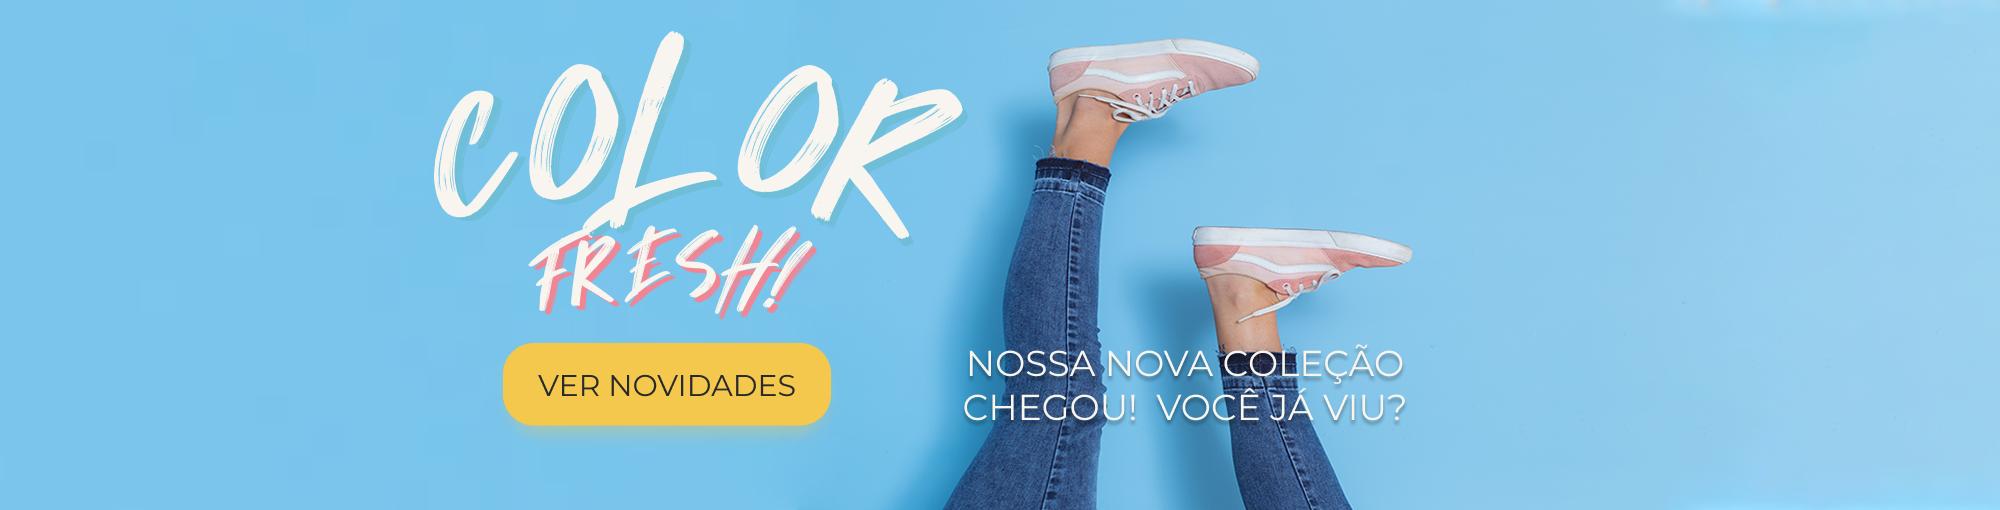 CONFIRA NOSSAS NOVIDADES